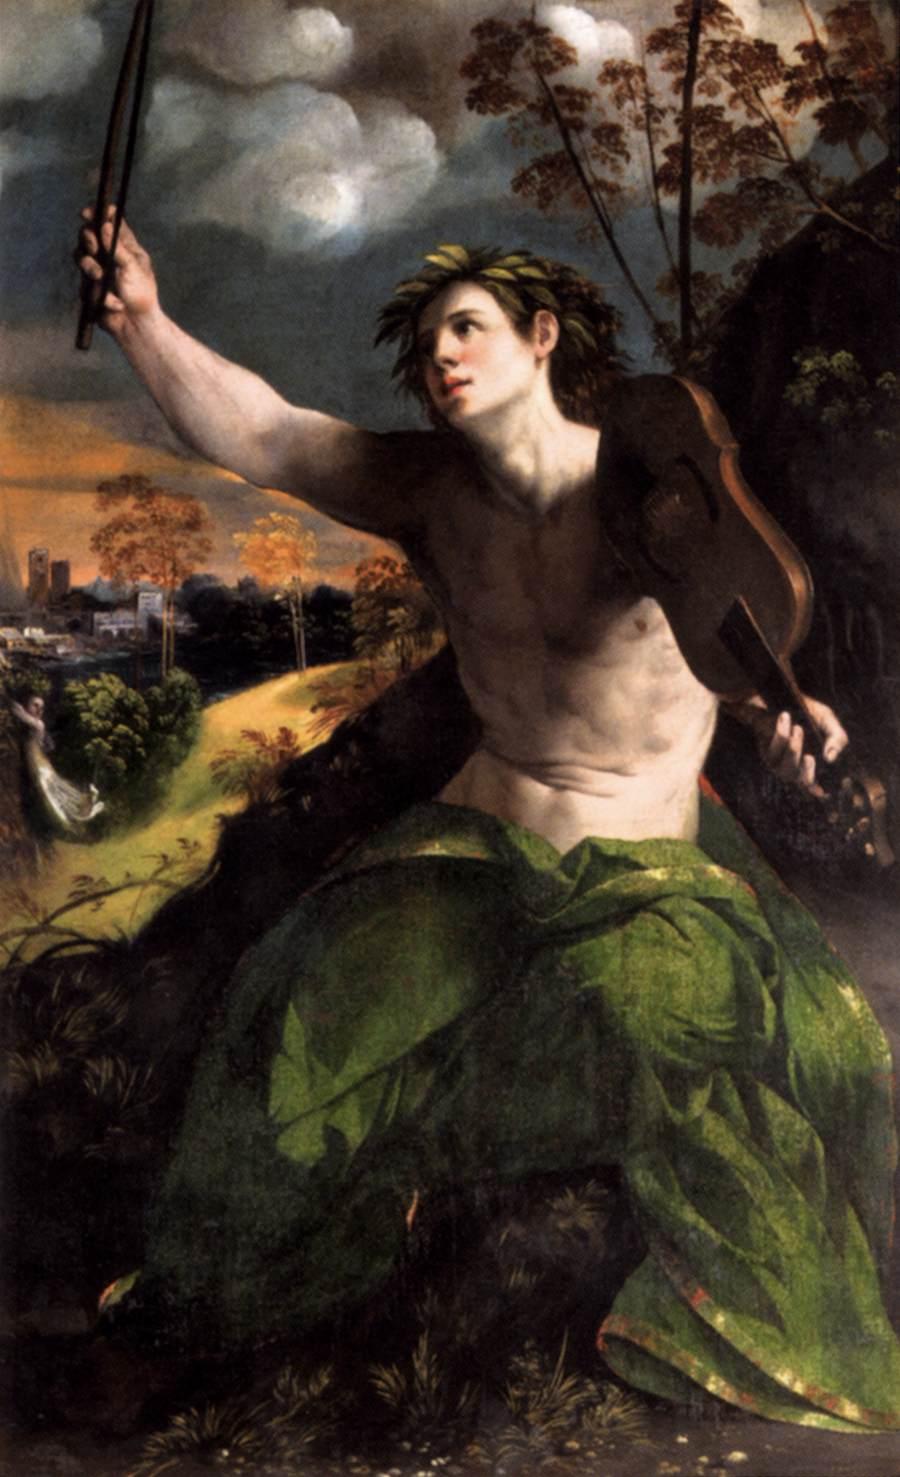 File:Dossi, Dosso - Apollo - 1524.jpg